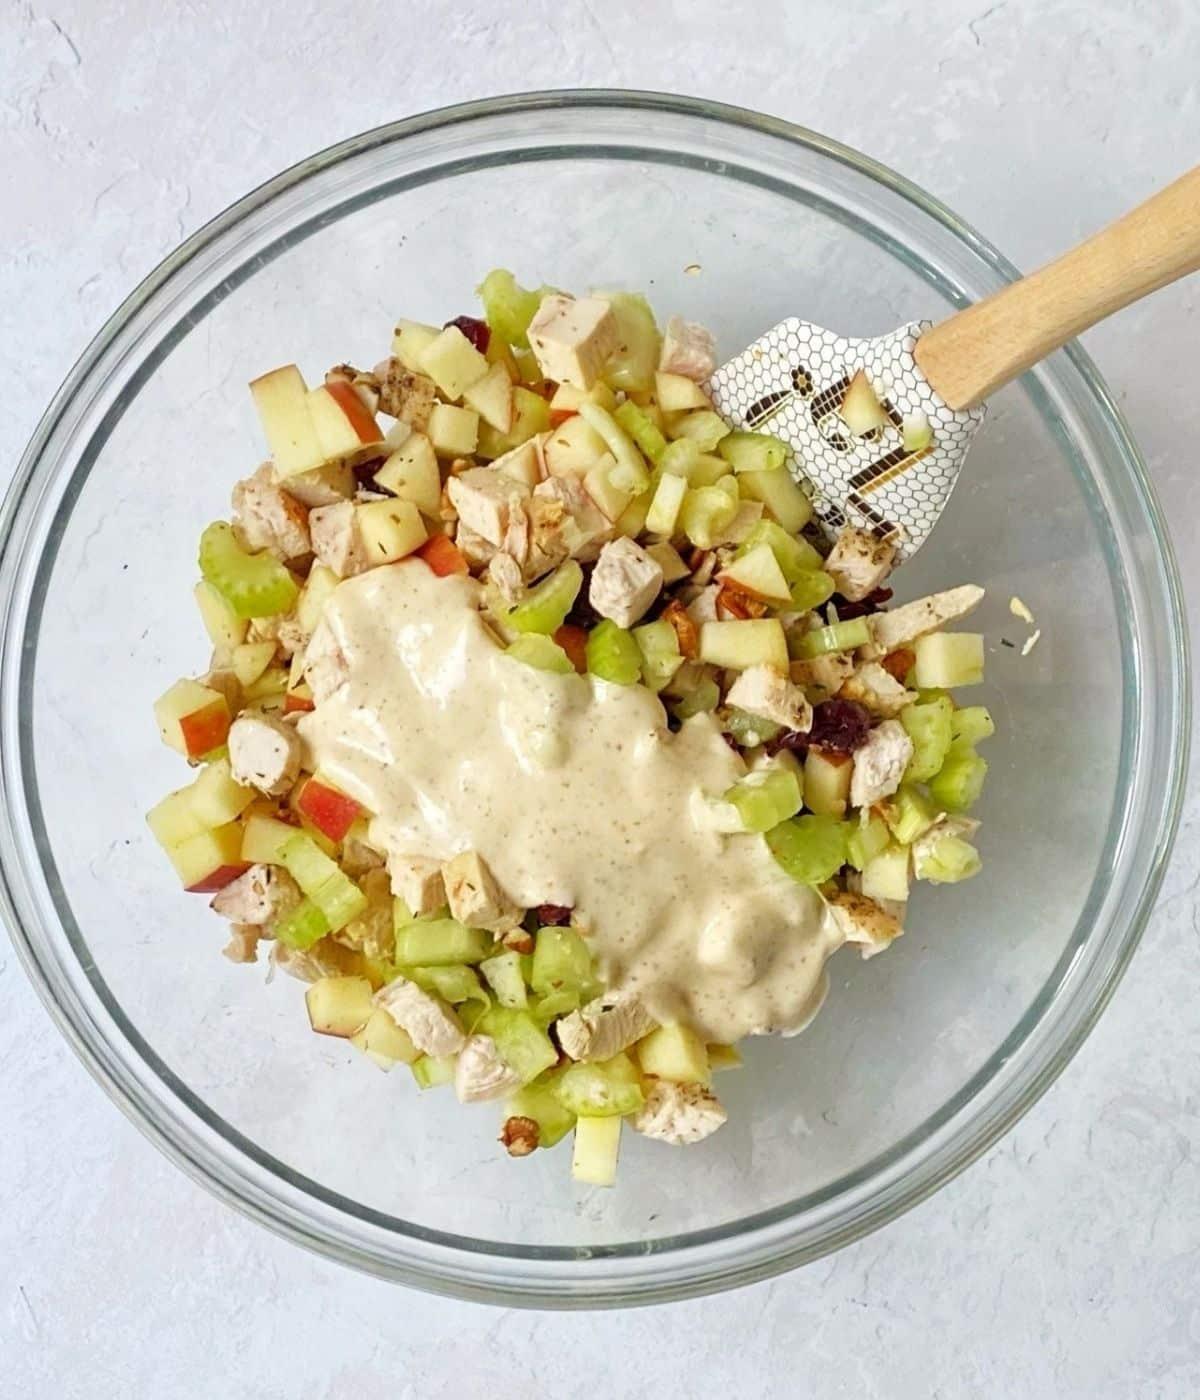 adding dressing to chicken salad ingredients.